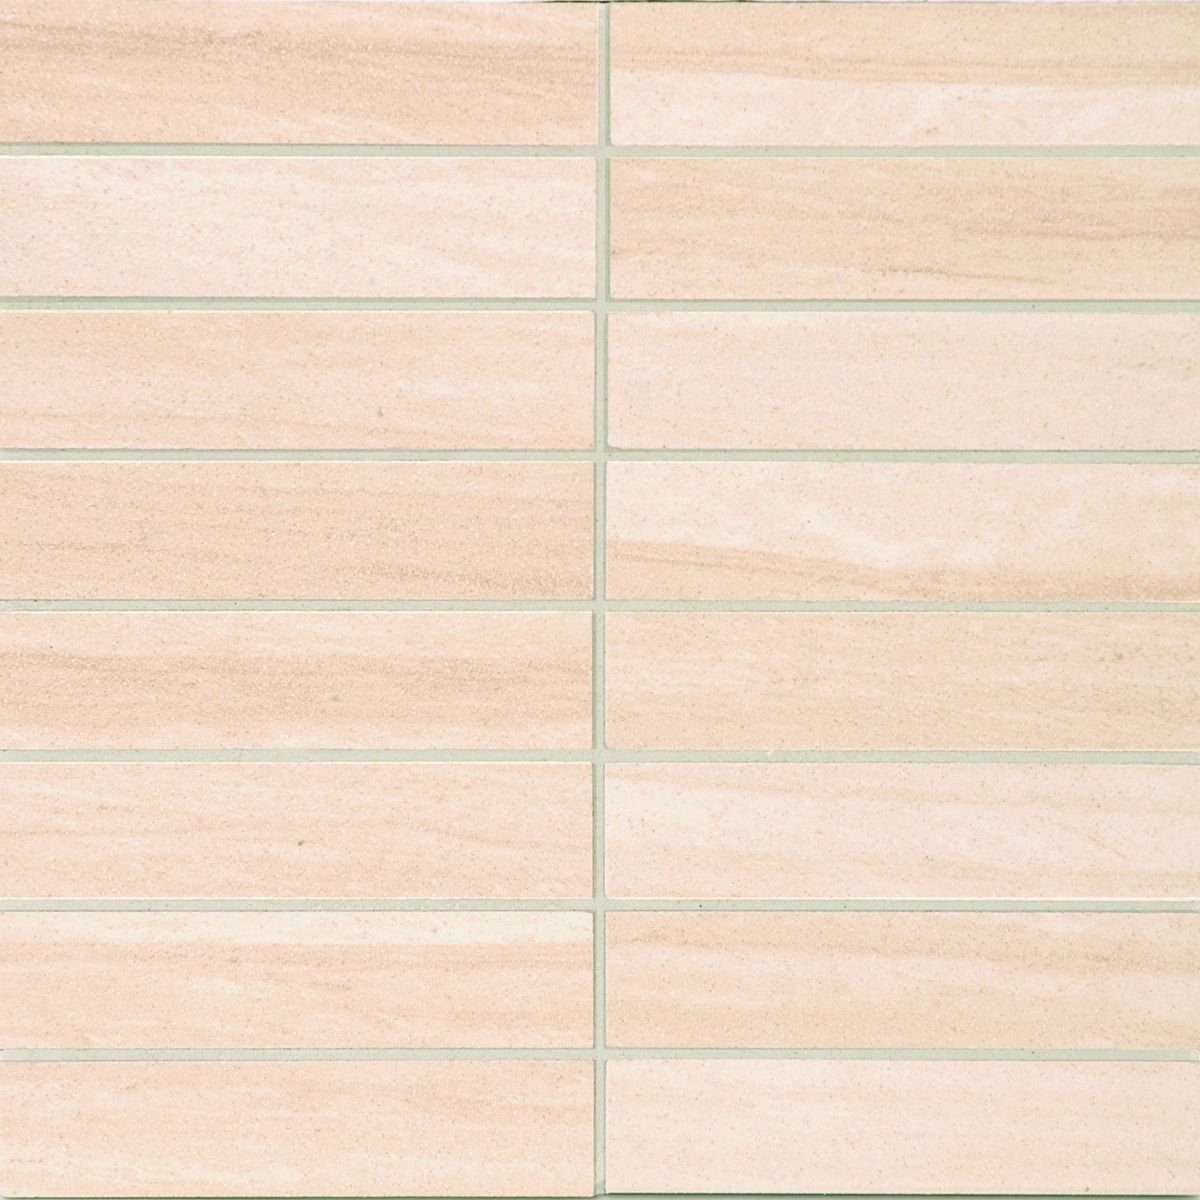 Мозаика Pietra del Deserto bianco (mrcxe1) изображение 0